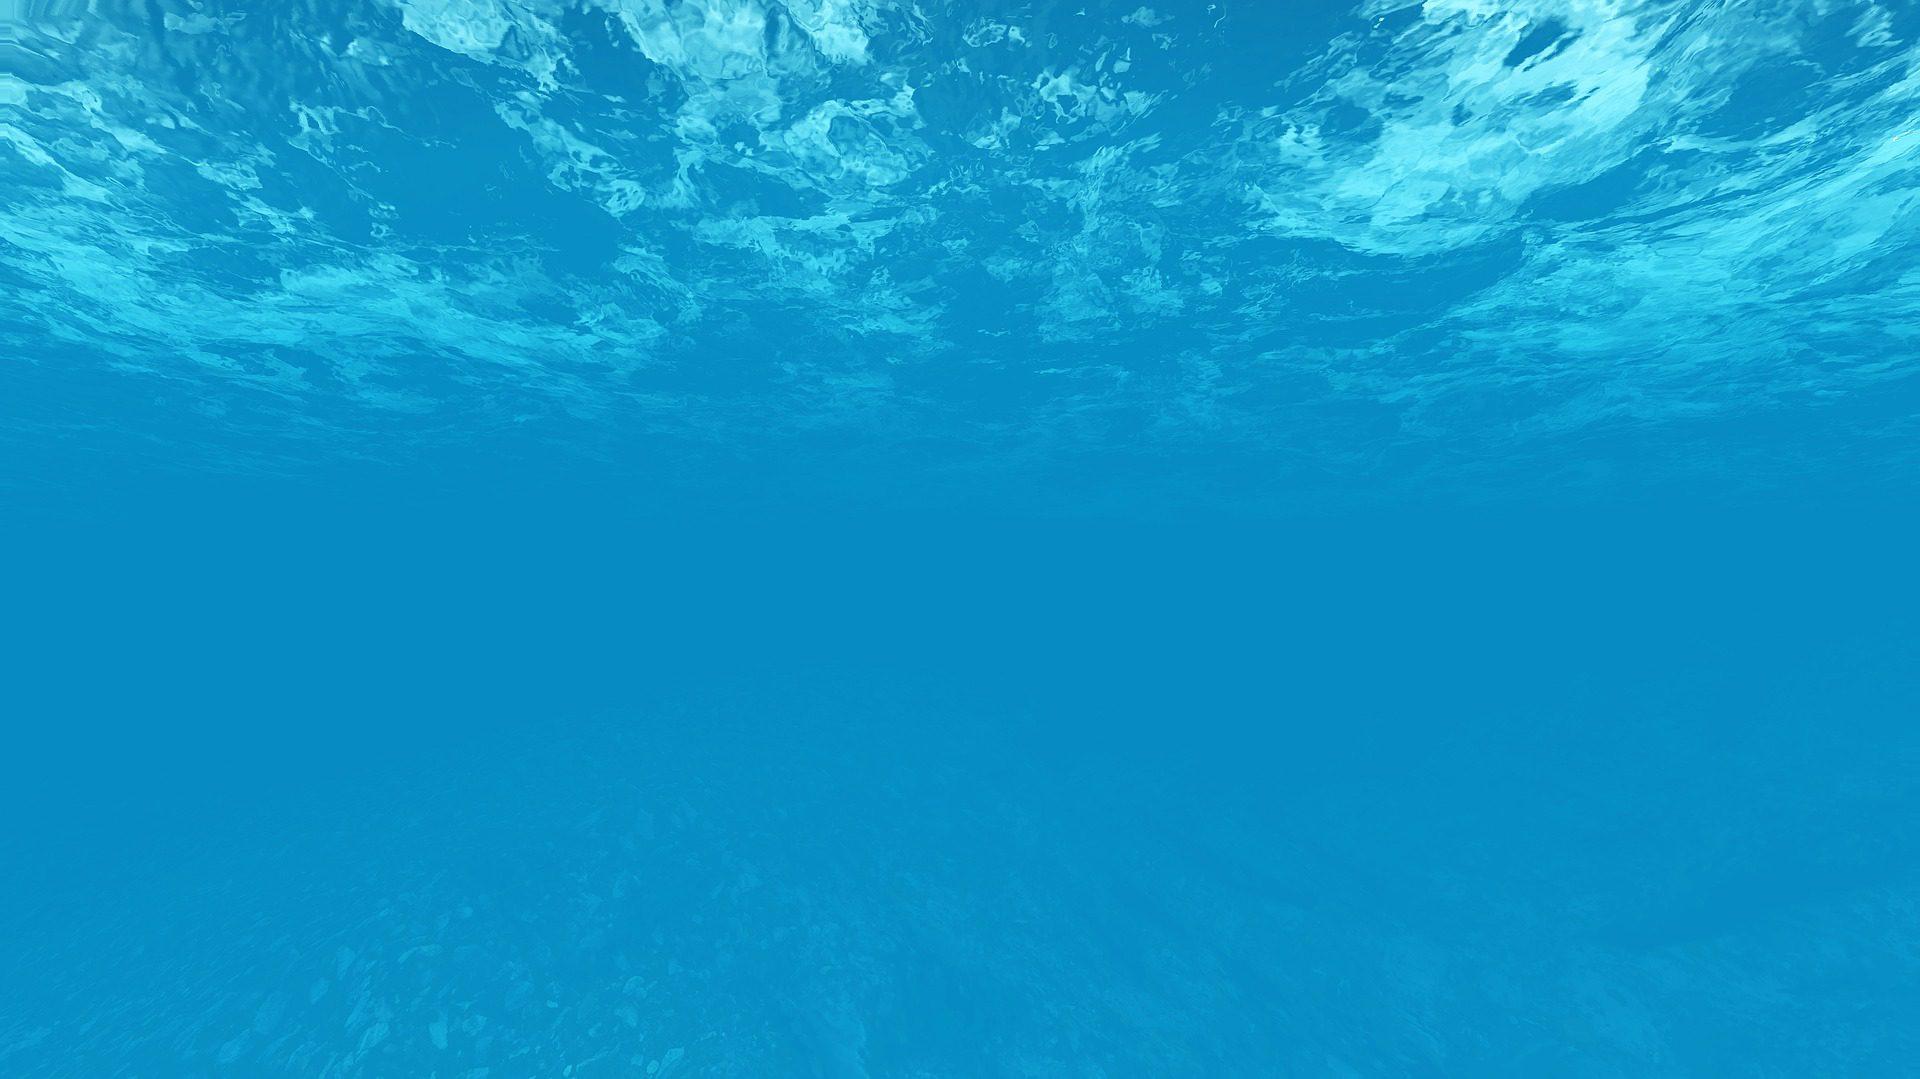 sea-water-1666310_1920